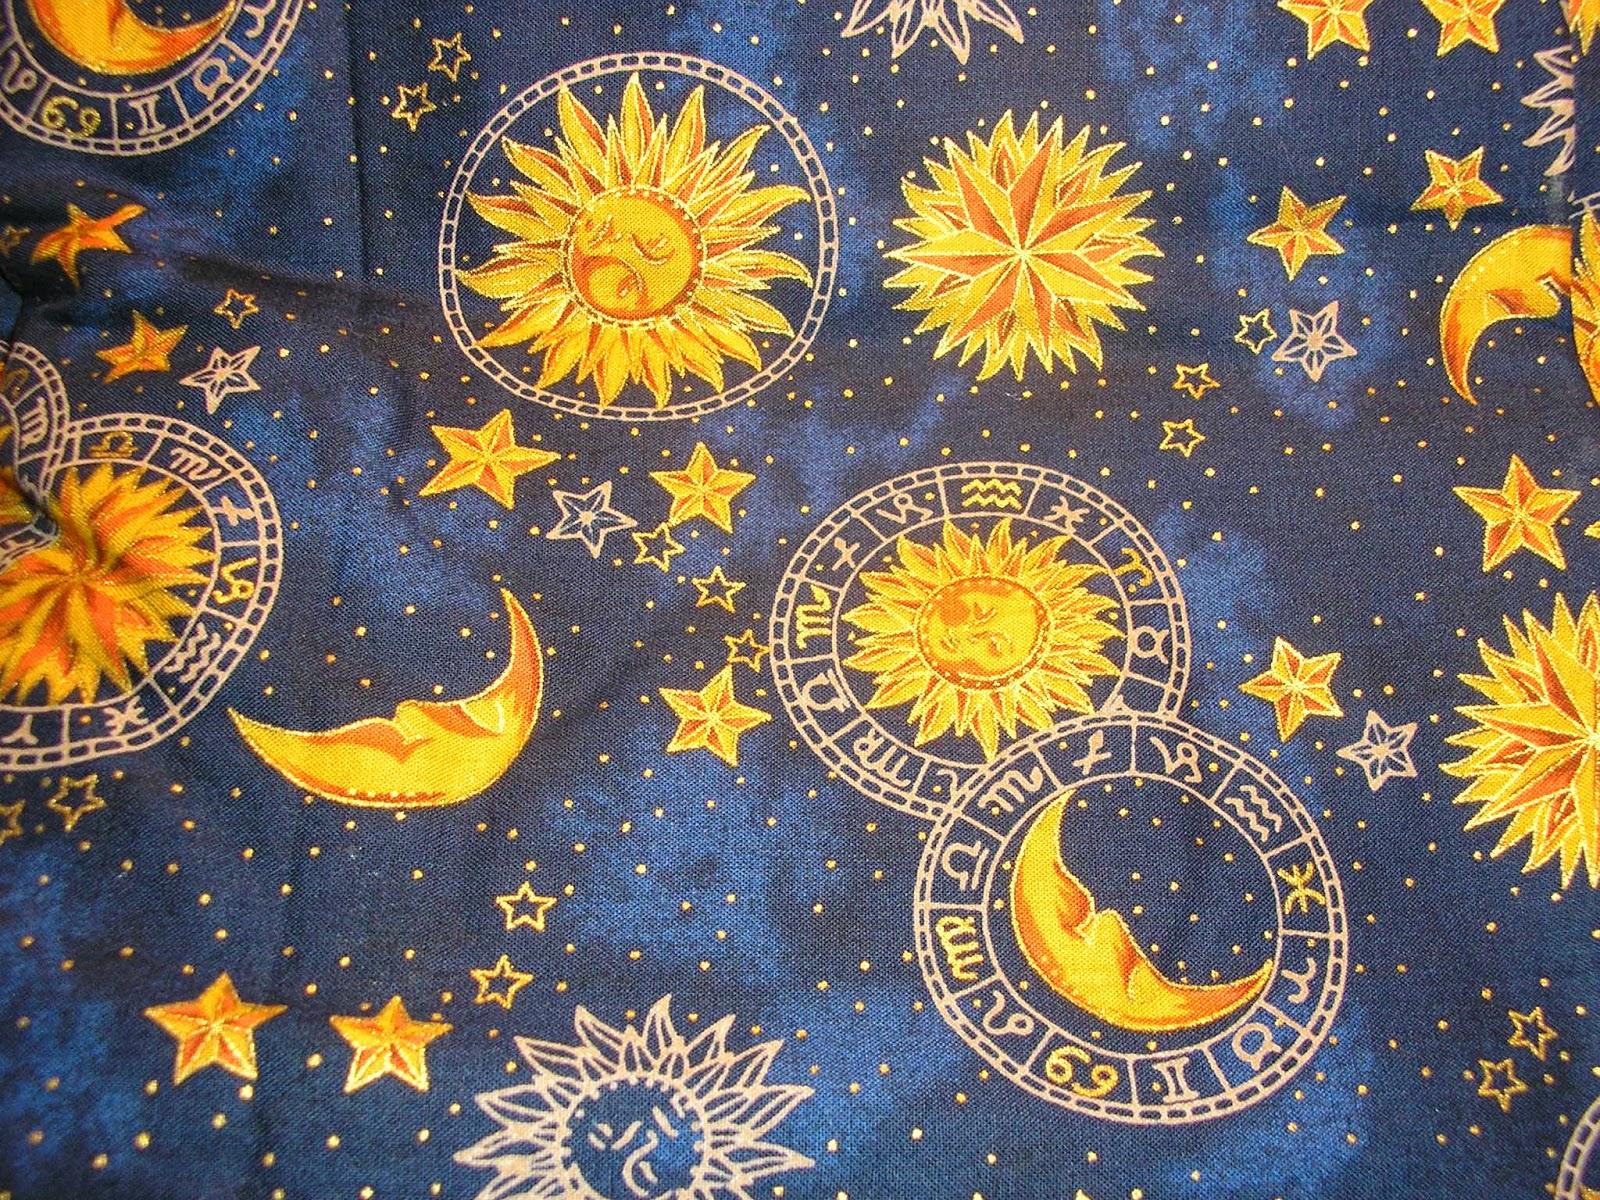 Sun and Moon Wallpaper - WallpaperSafari